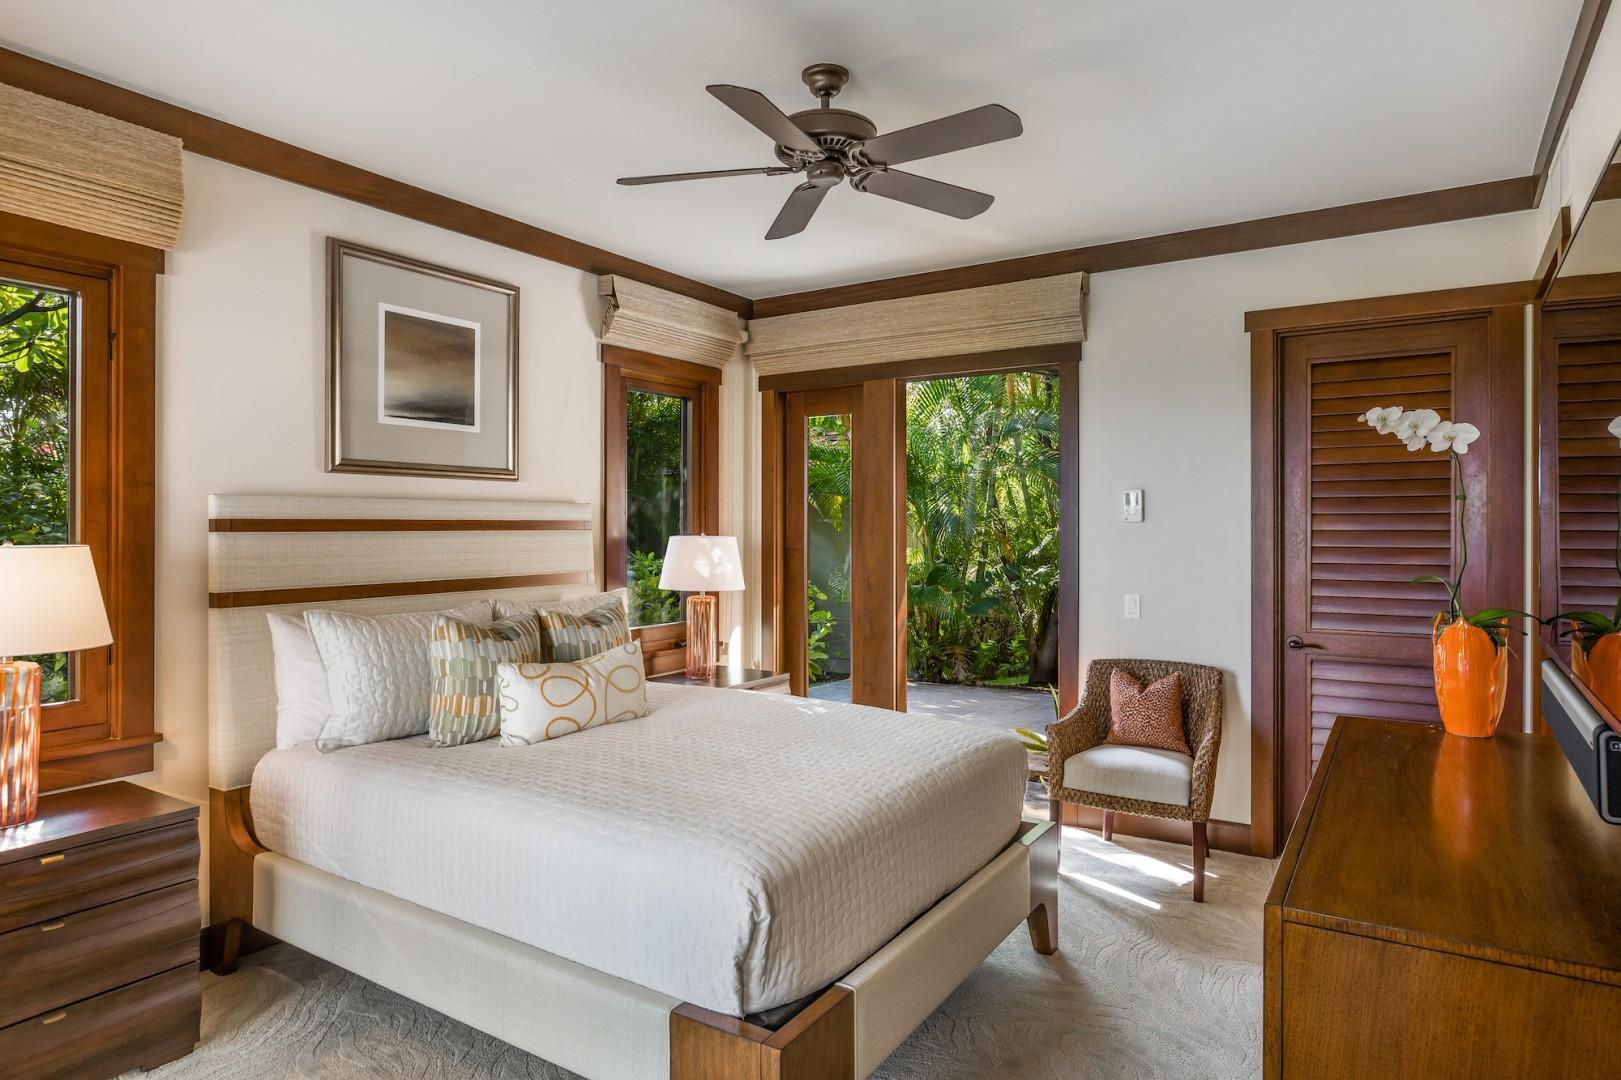 Alternate view of elegantly furnished second bedroom.